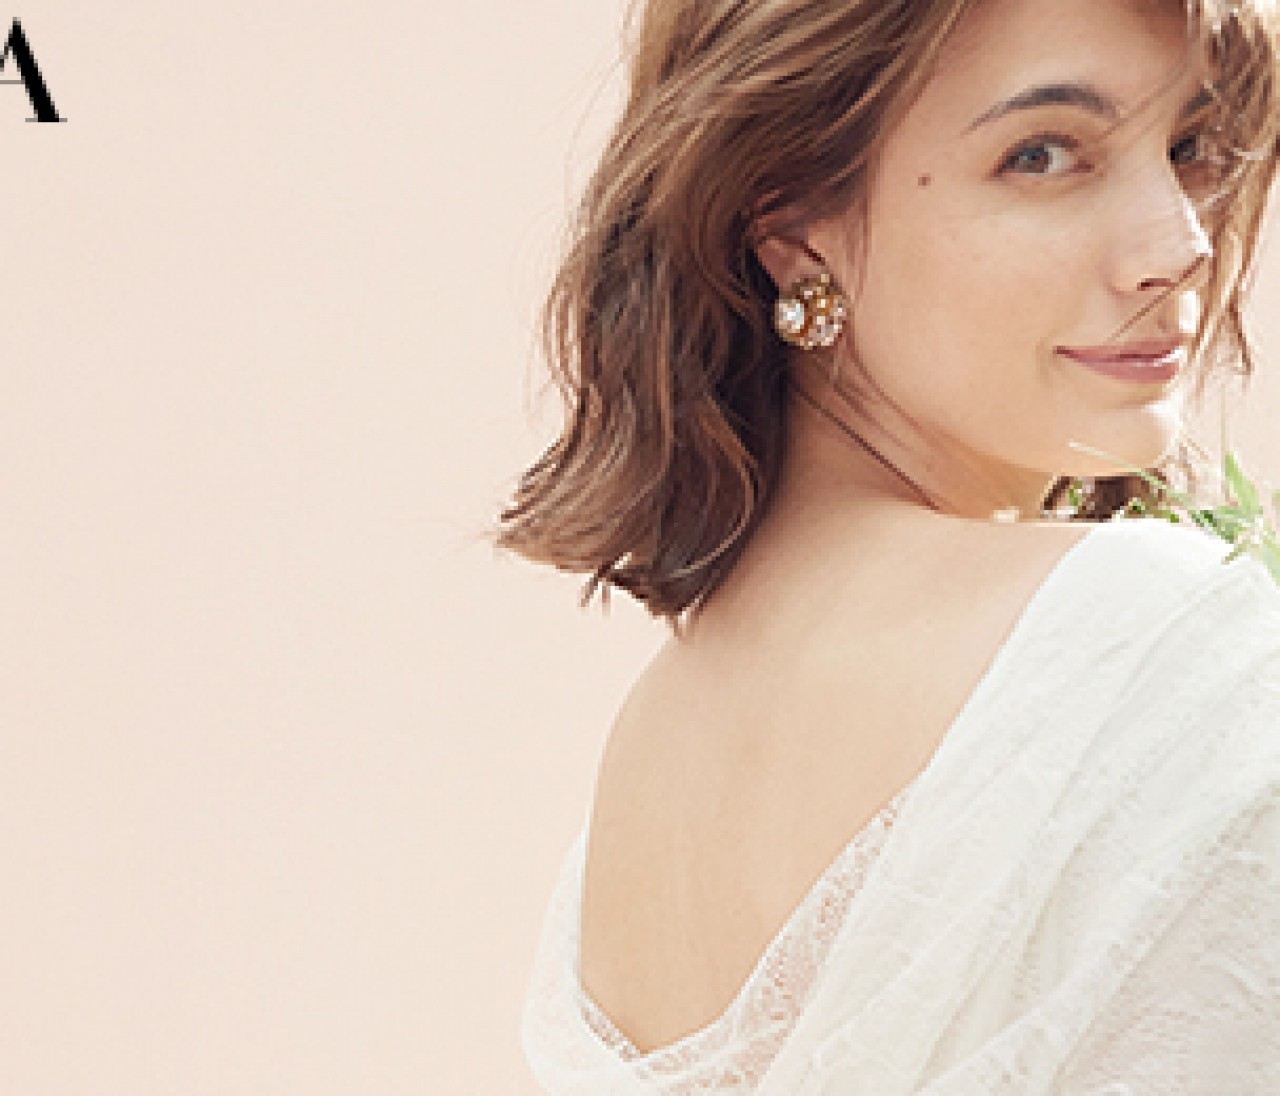 ラスティックな白ドレスには【ニュアンスカラー小物】でナチュラルに